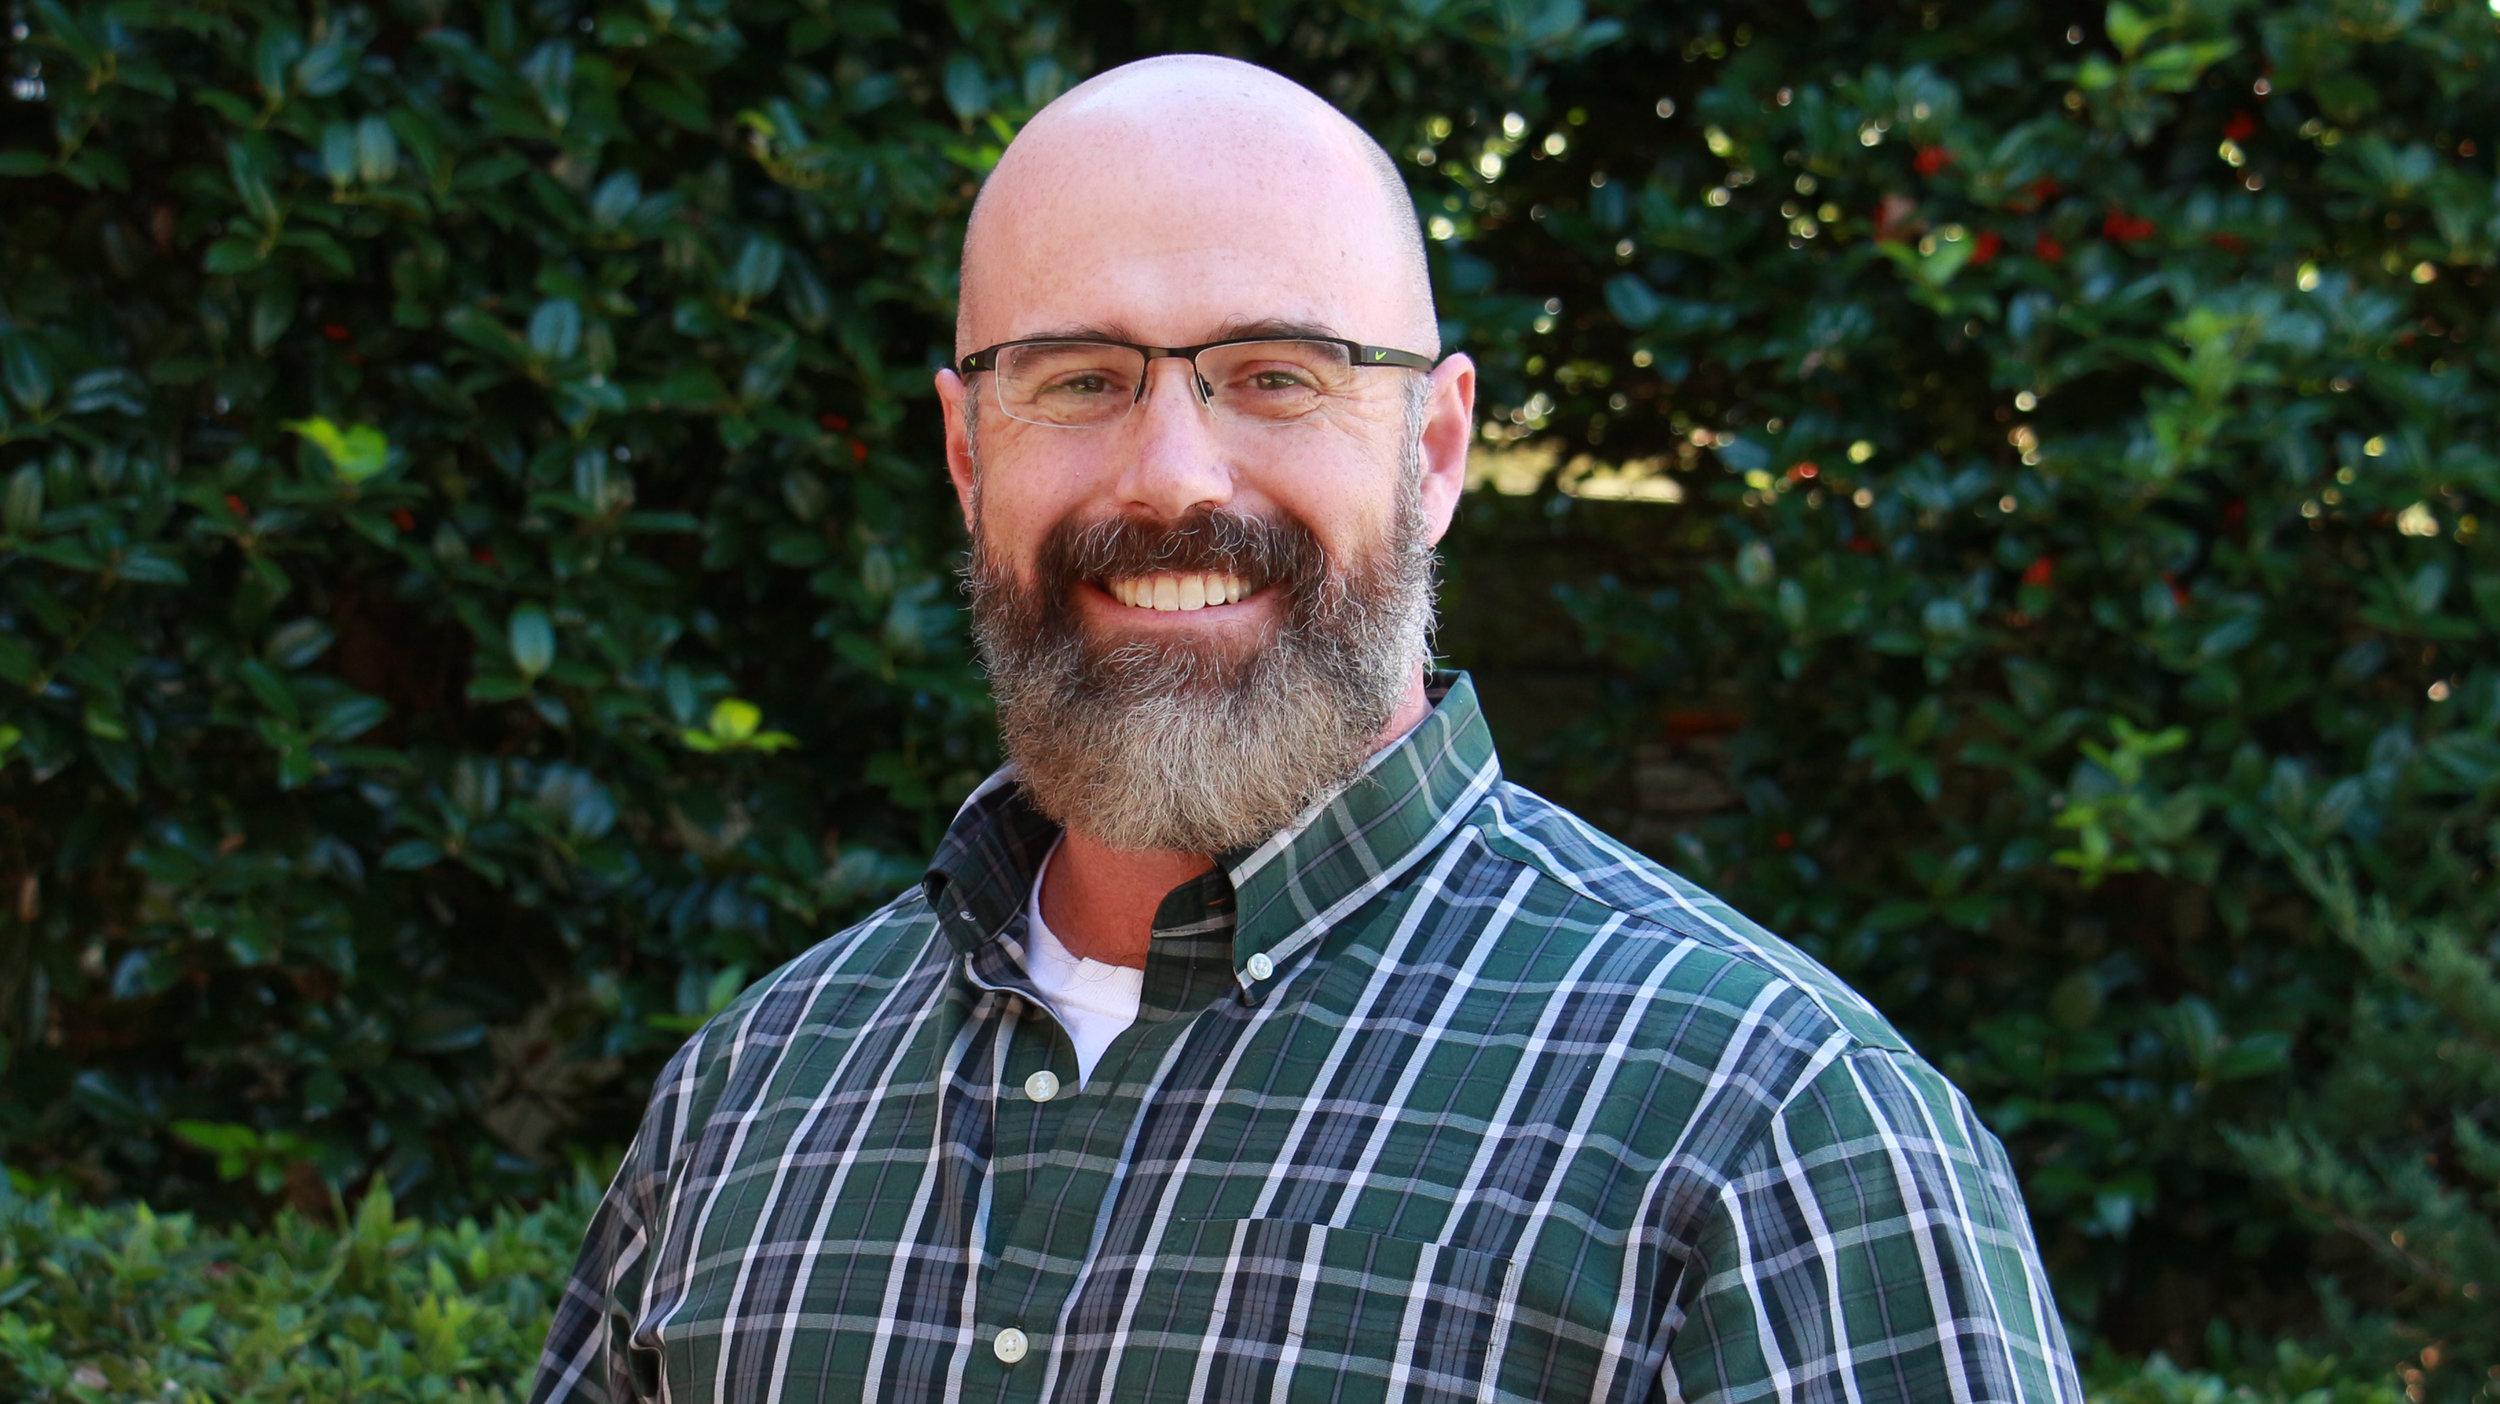 Jason Wood, Creative Director